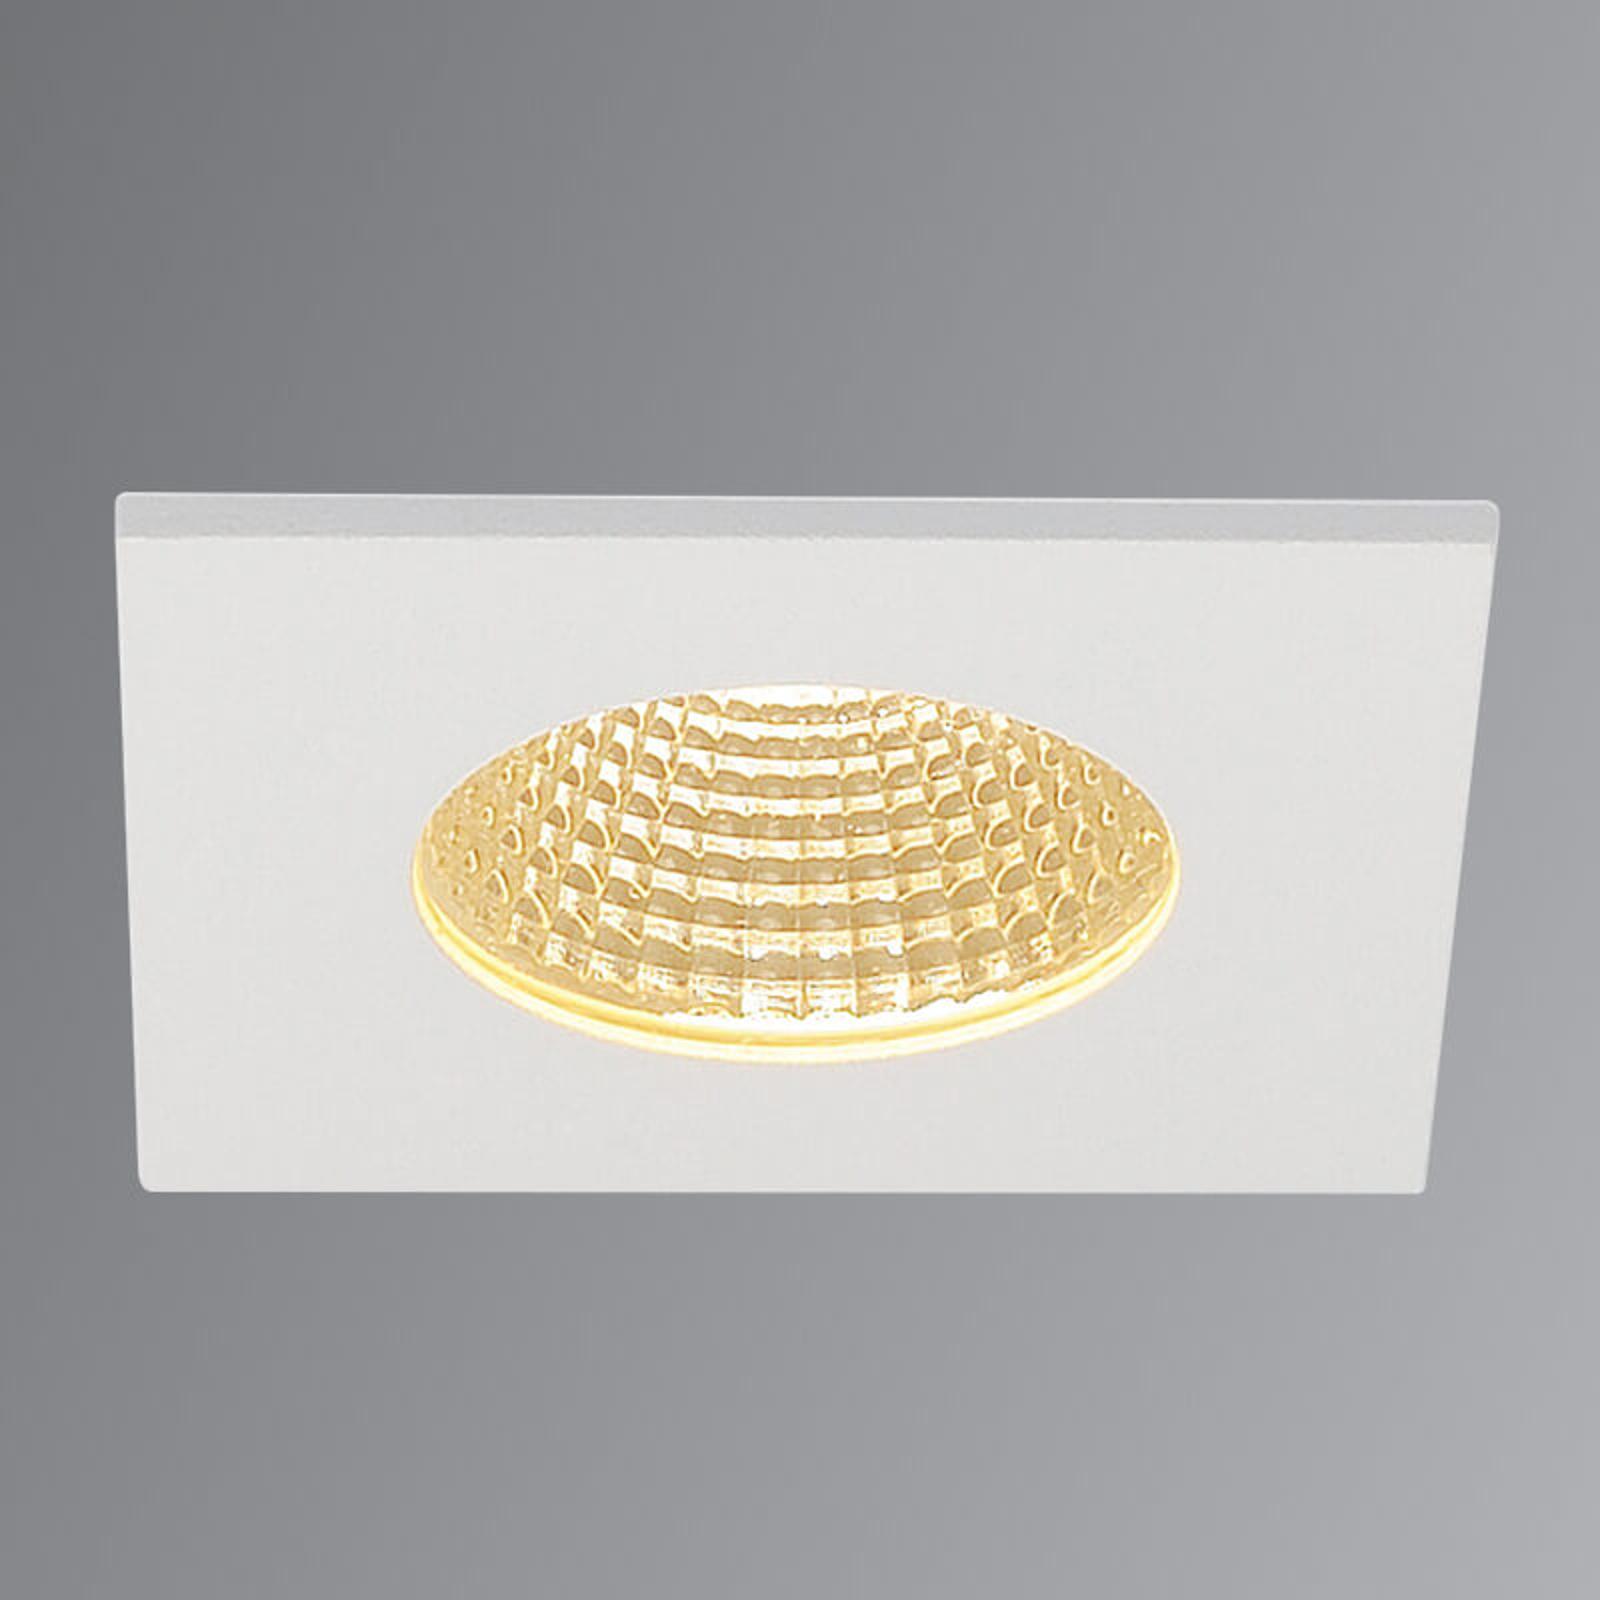 SLV Patta-I LED-Einbauleuchte eckig, weiß matt